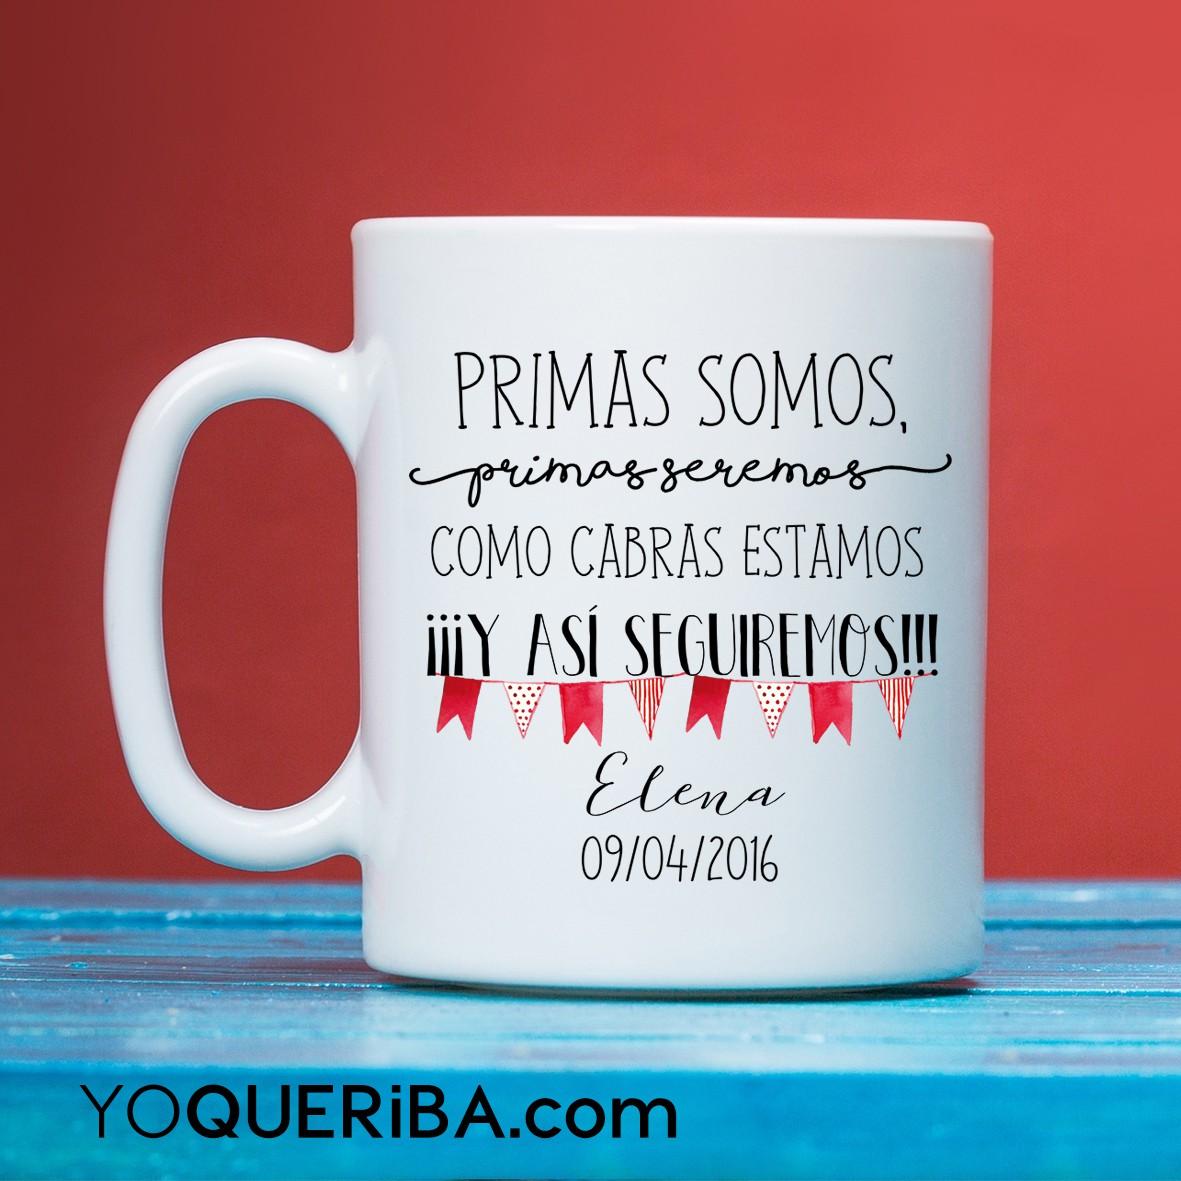 Yoqueriba Facebook Store Page